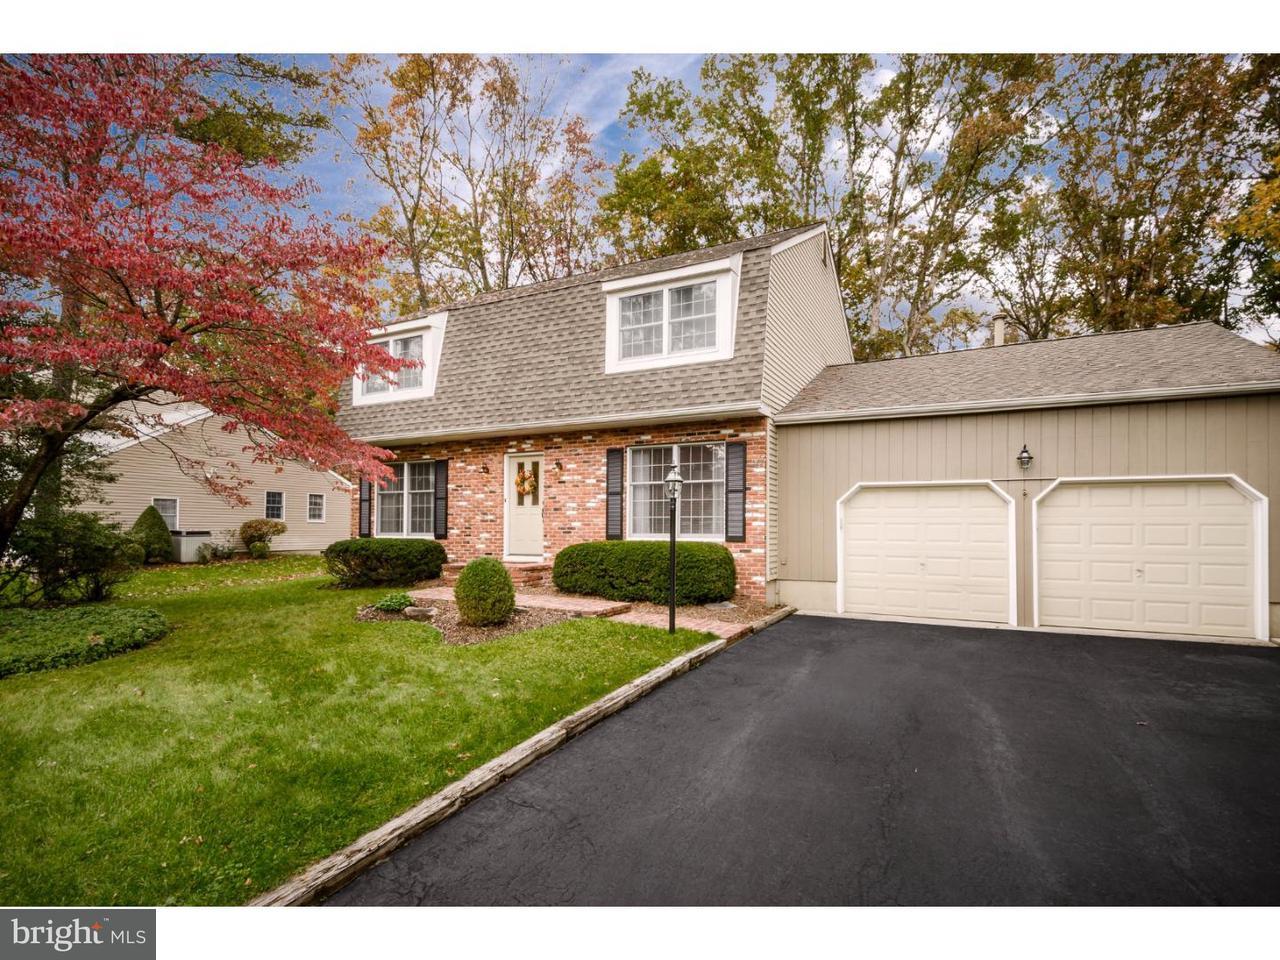 独户住宅 为 销售 在 16 COCHISE Circle Medford Lakes, 新泽西州 08055 美国